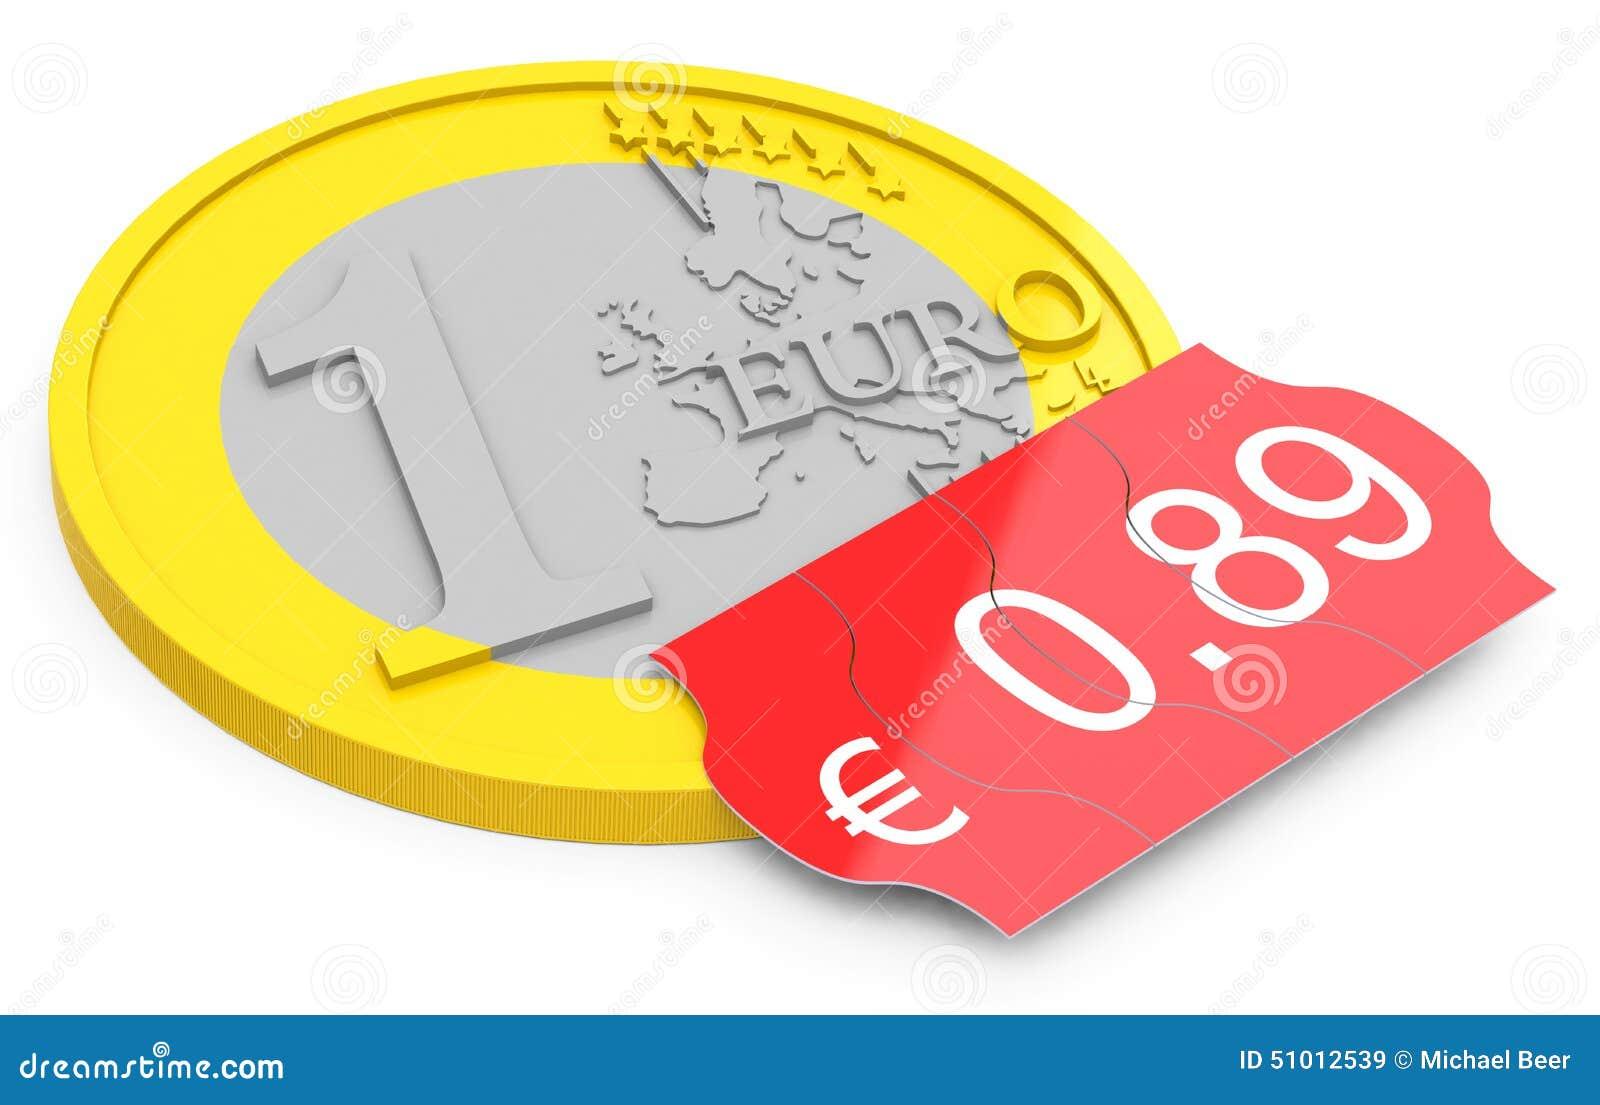 Euro, Dinheiro, Estetoscópio, Hospital, Medicina, Pulso